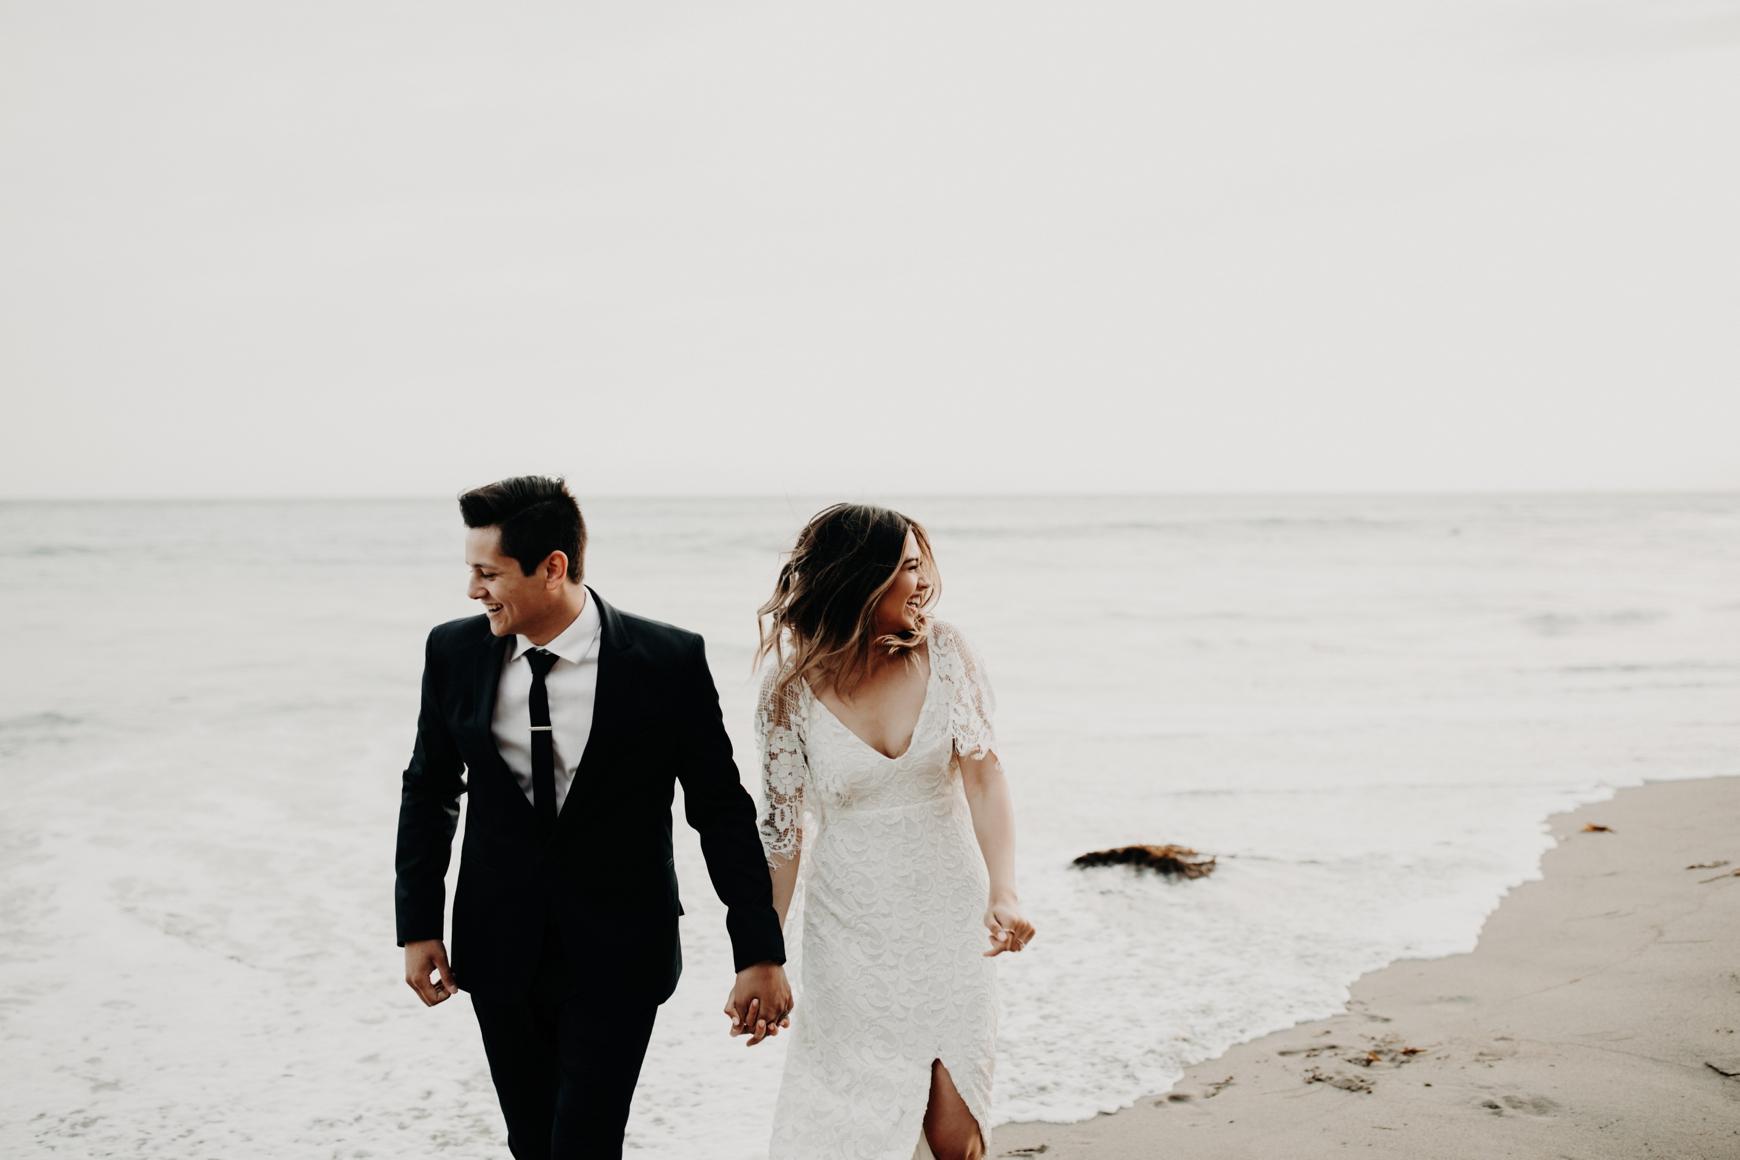 El Matador Beach Bridal Portraits Justellen & TJ Emily Magers Photography-253Emily Magers Photography.jpg